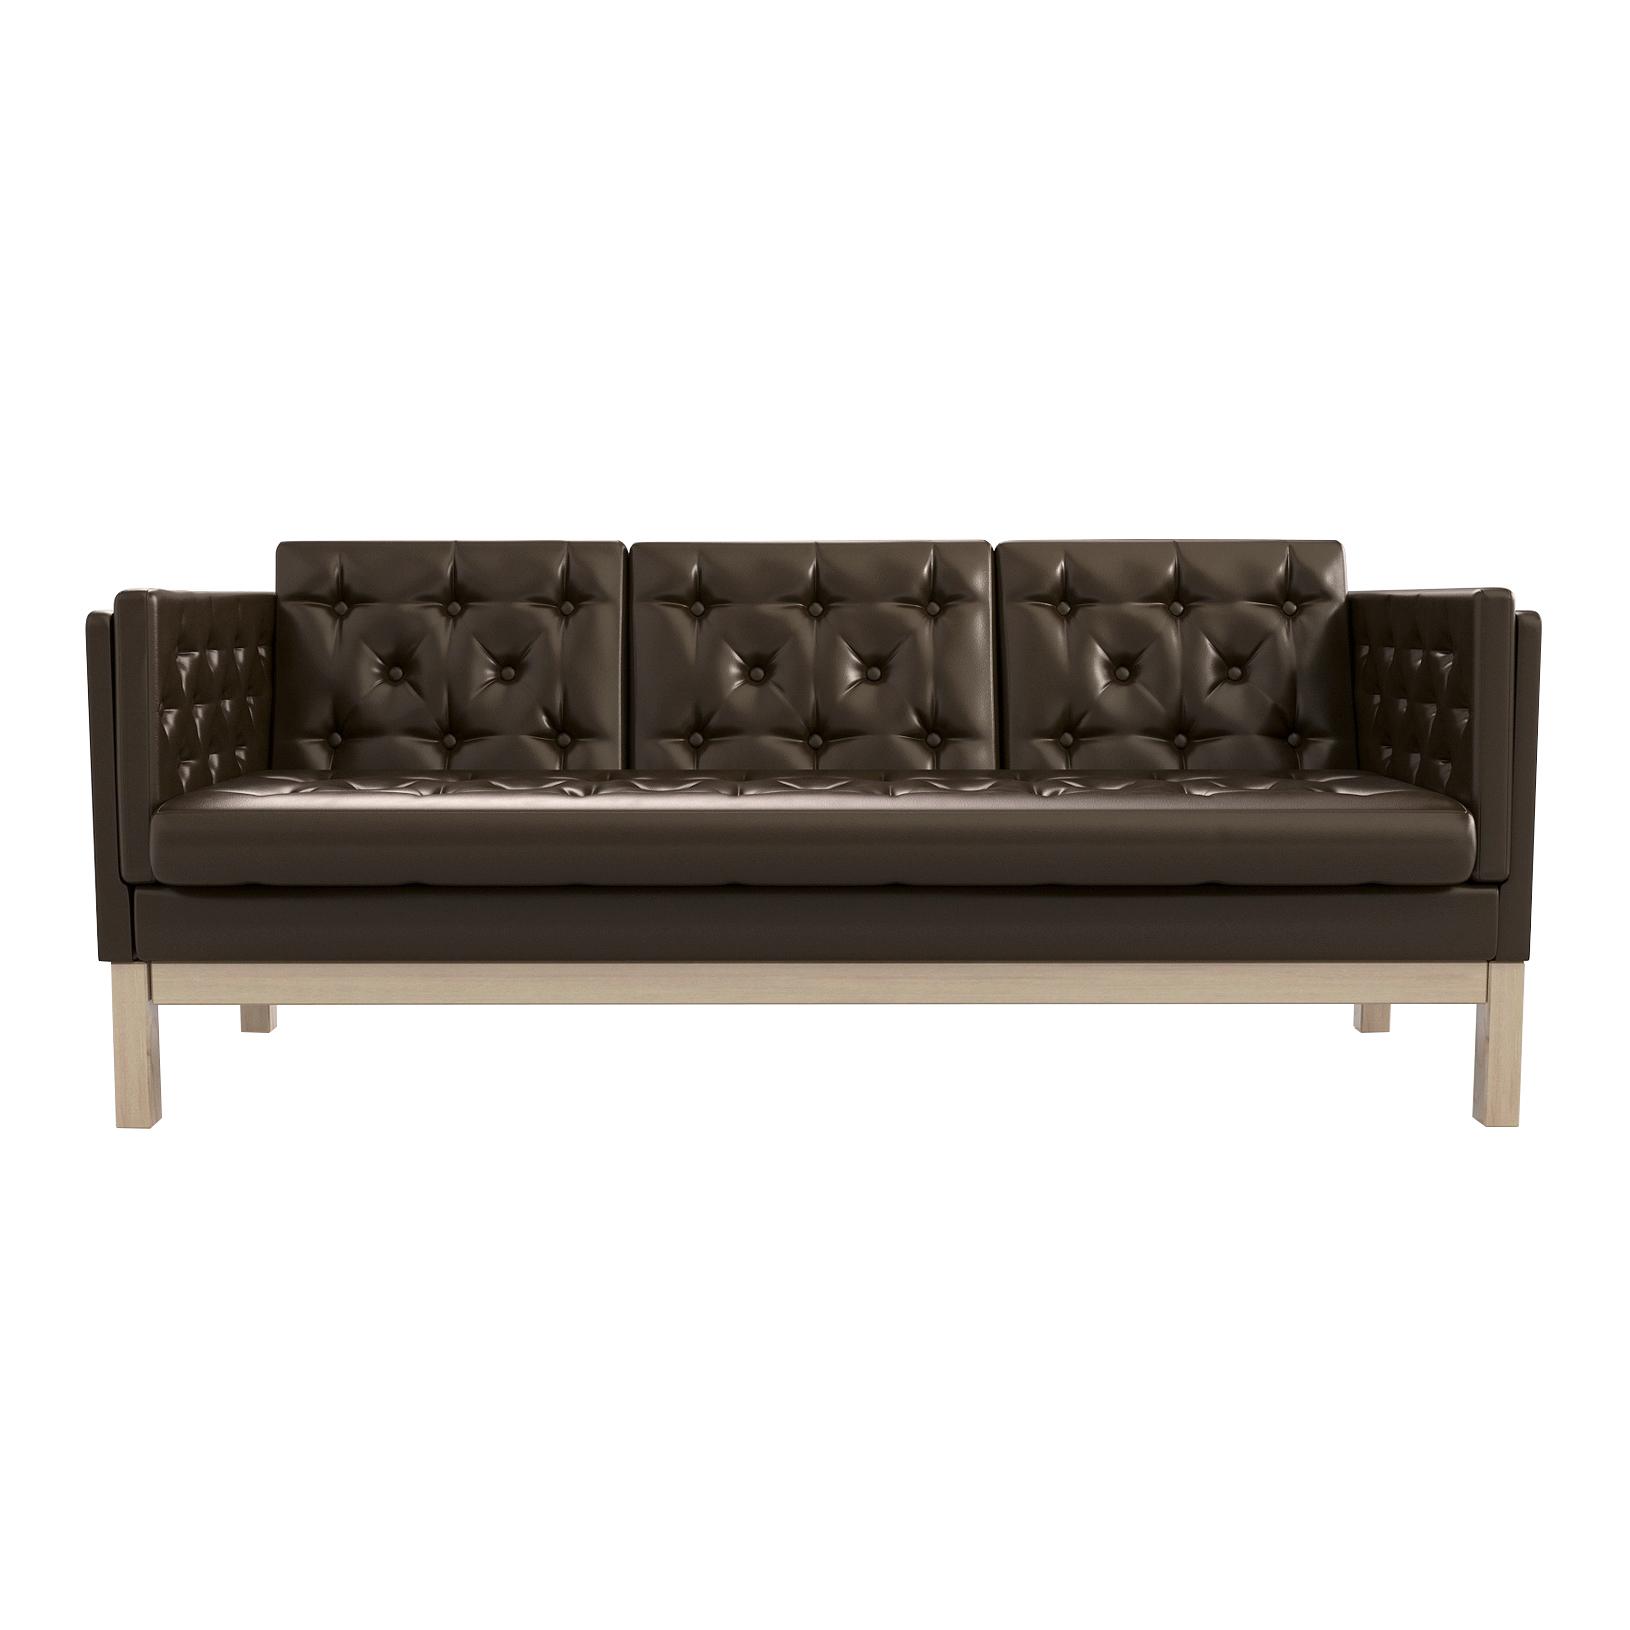 Фото - Диван AS Алана б 193x82x83 сосна/коричневый диван as алана м 154x82x83 сосна коричневый